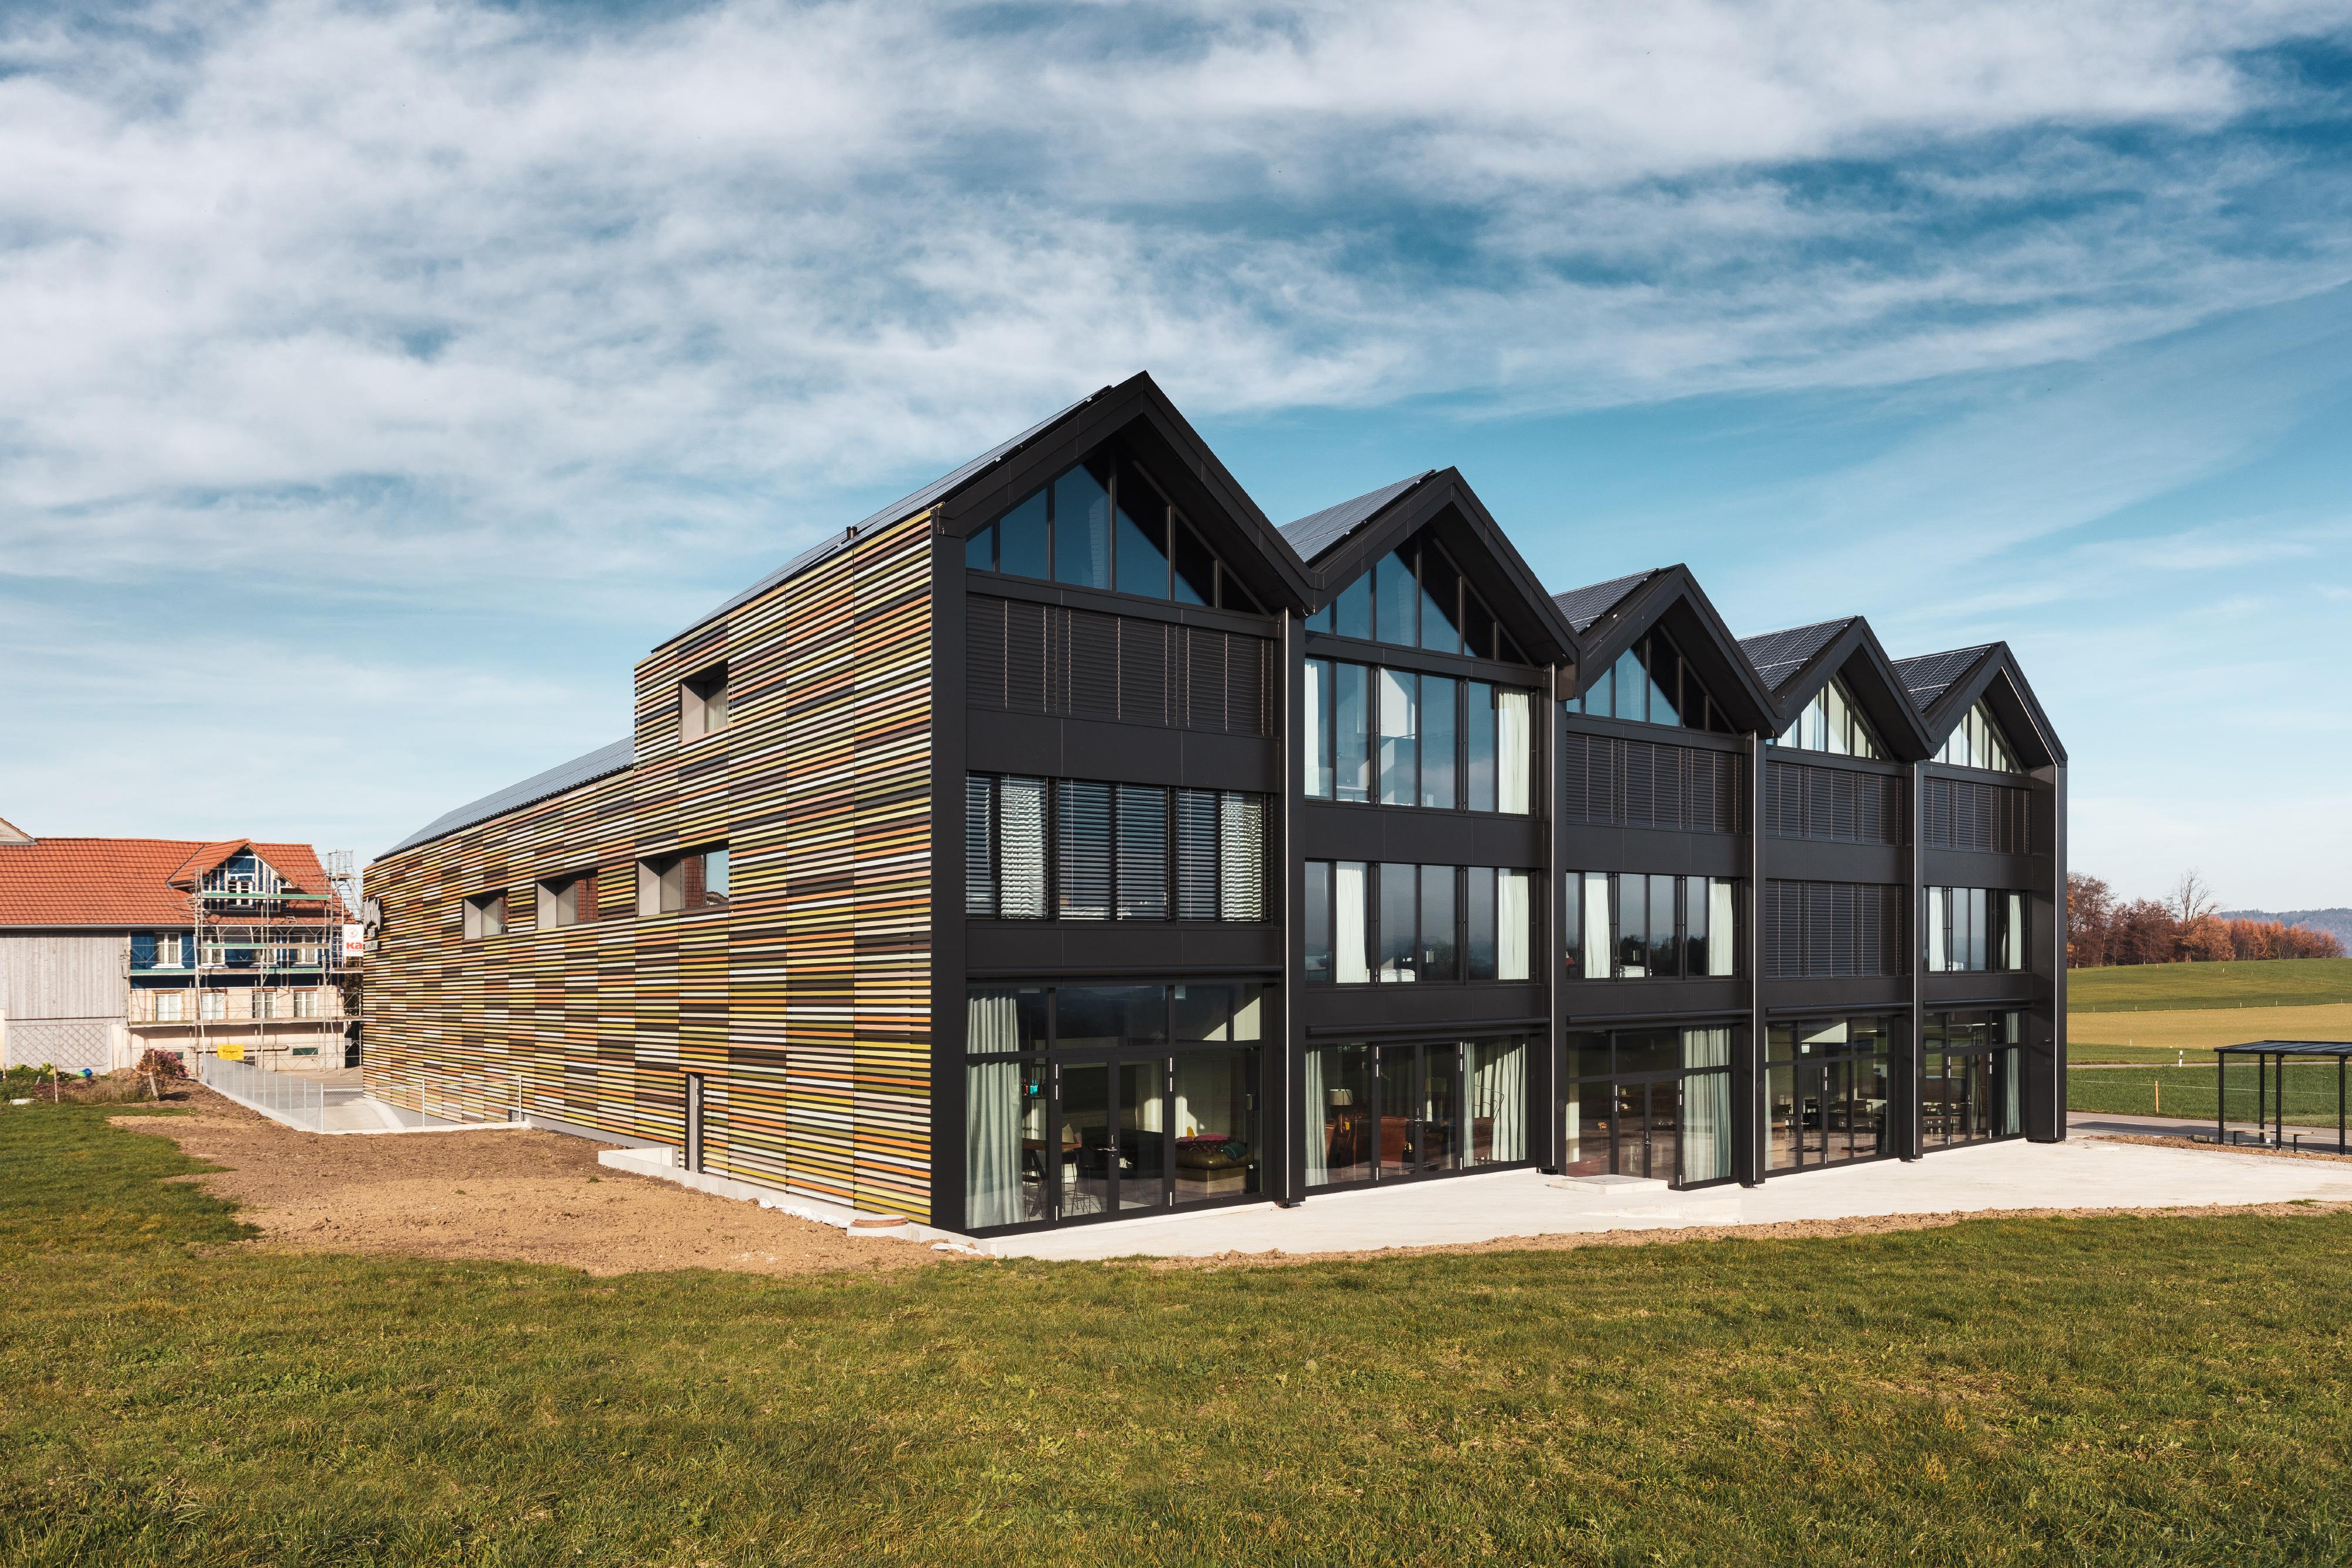 Neubau der Edeldestillerie Macardo: Luxuriöse Kombination aus Tradition, Moderne und Nachhaltigkeit